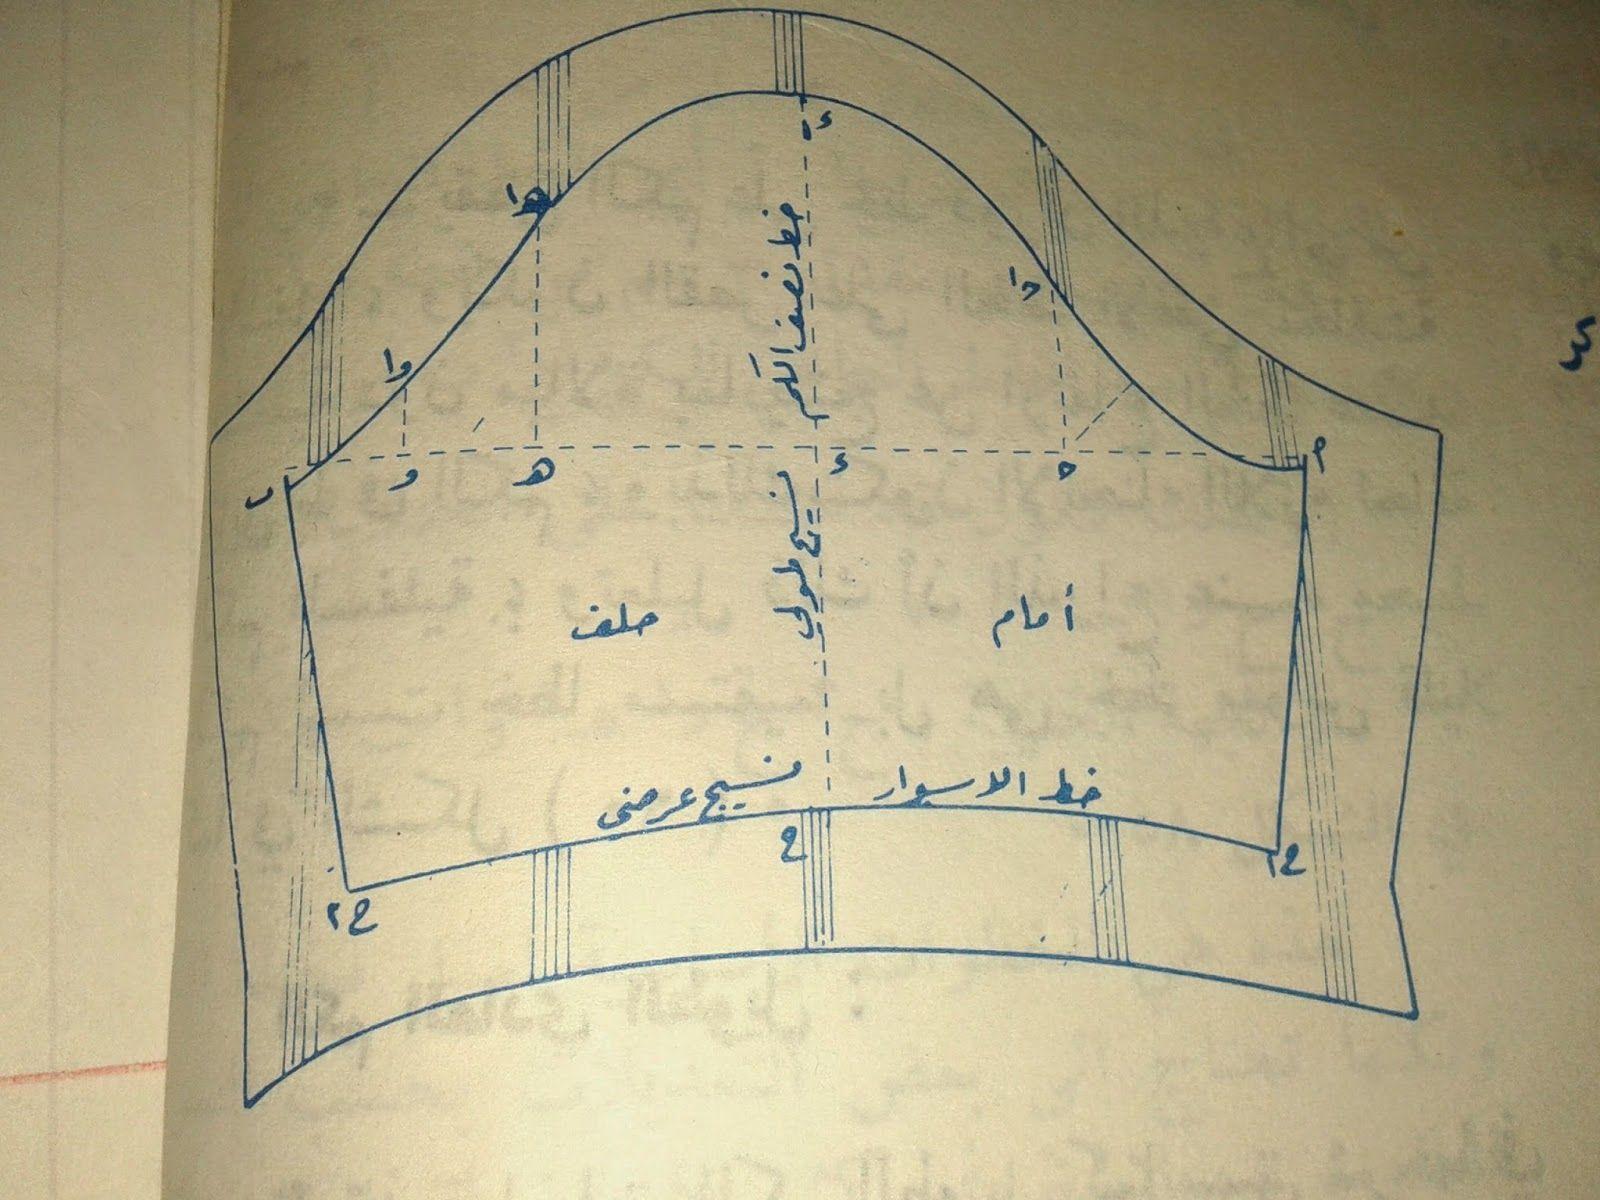 طريقه قص الاكمام طريقه وضع الباترون على القماش درس تفصيل Pants Pattern Pattern Couture